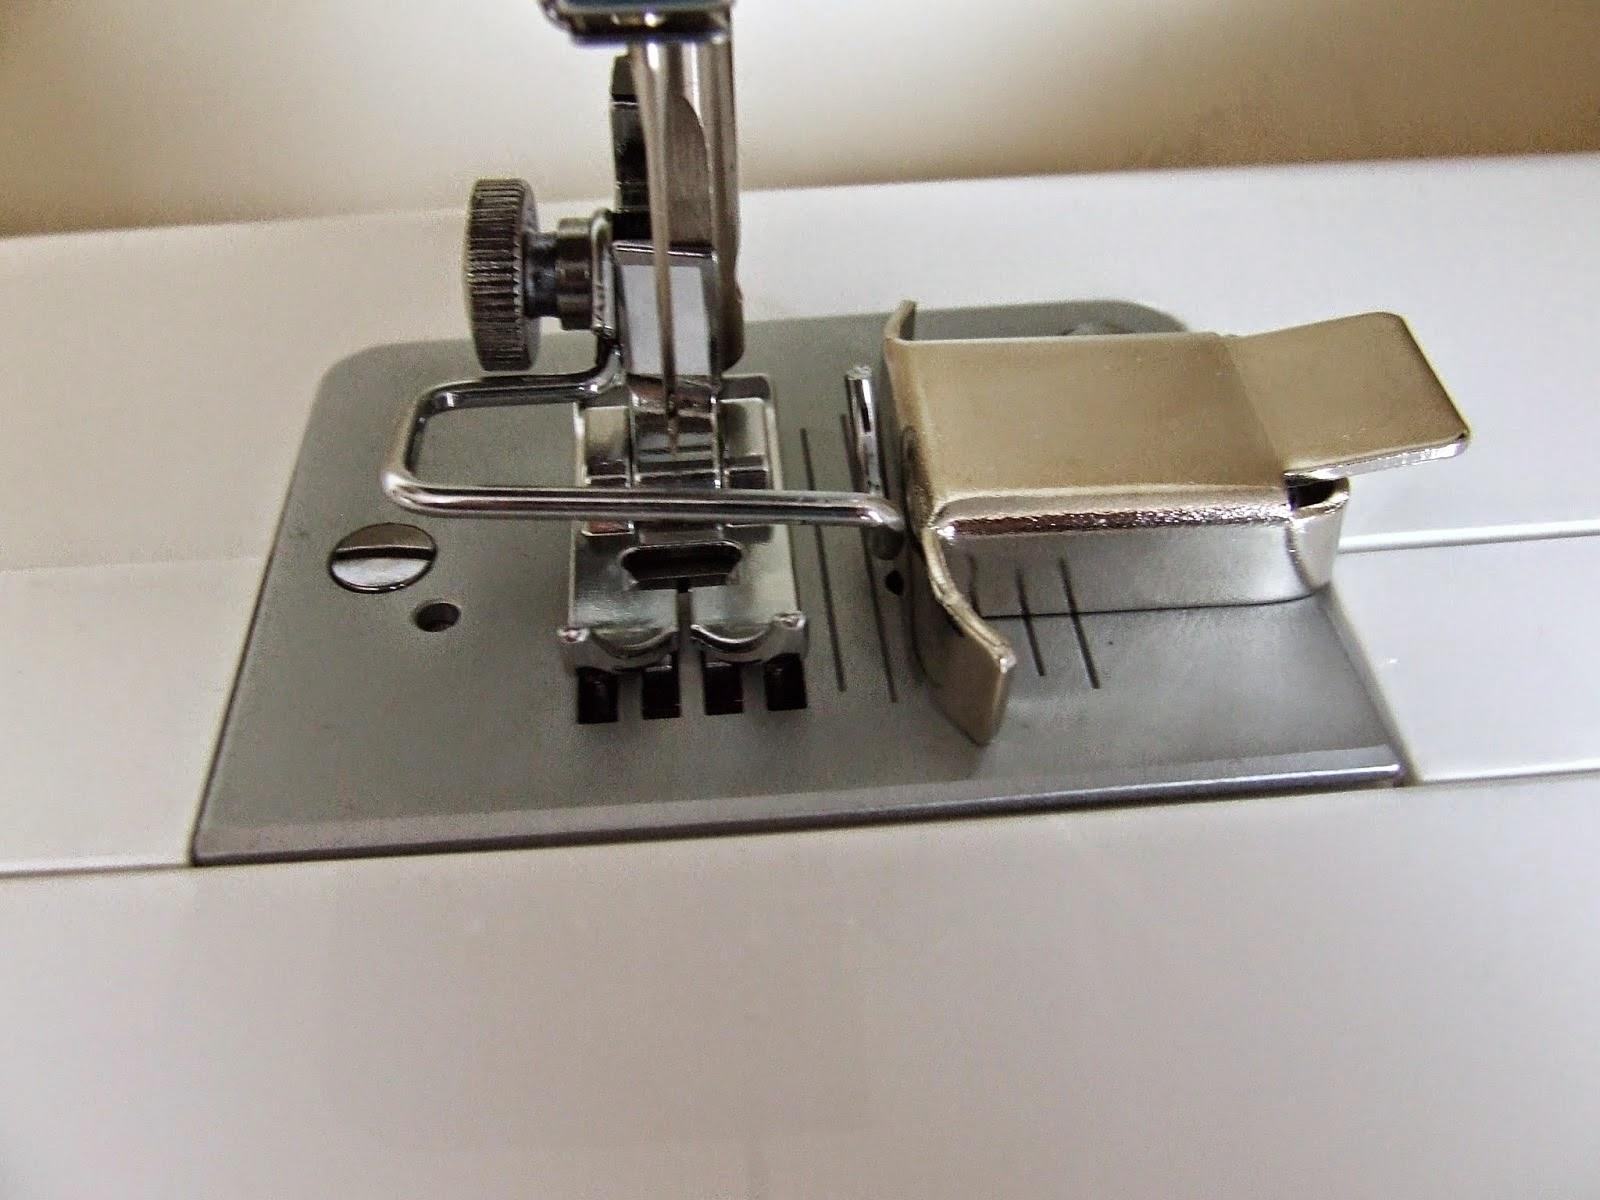 La costurera entrometida: Seguridad en tu rincón de costura